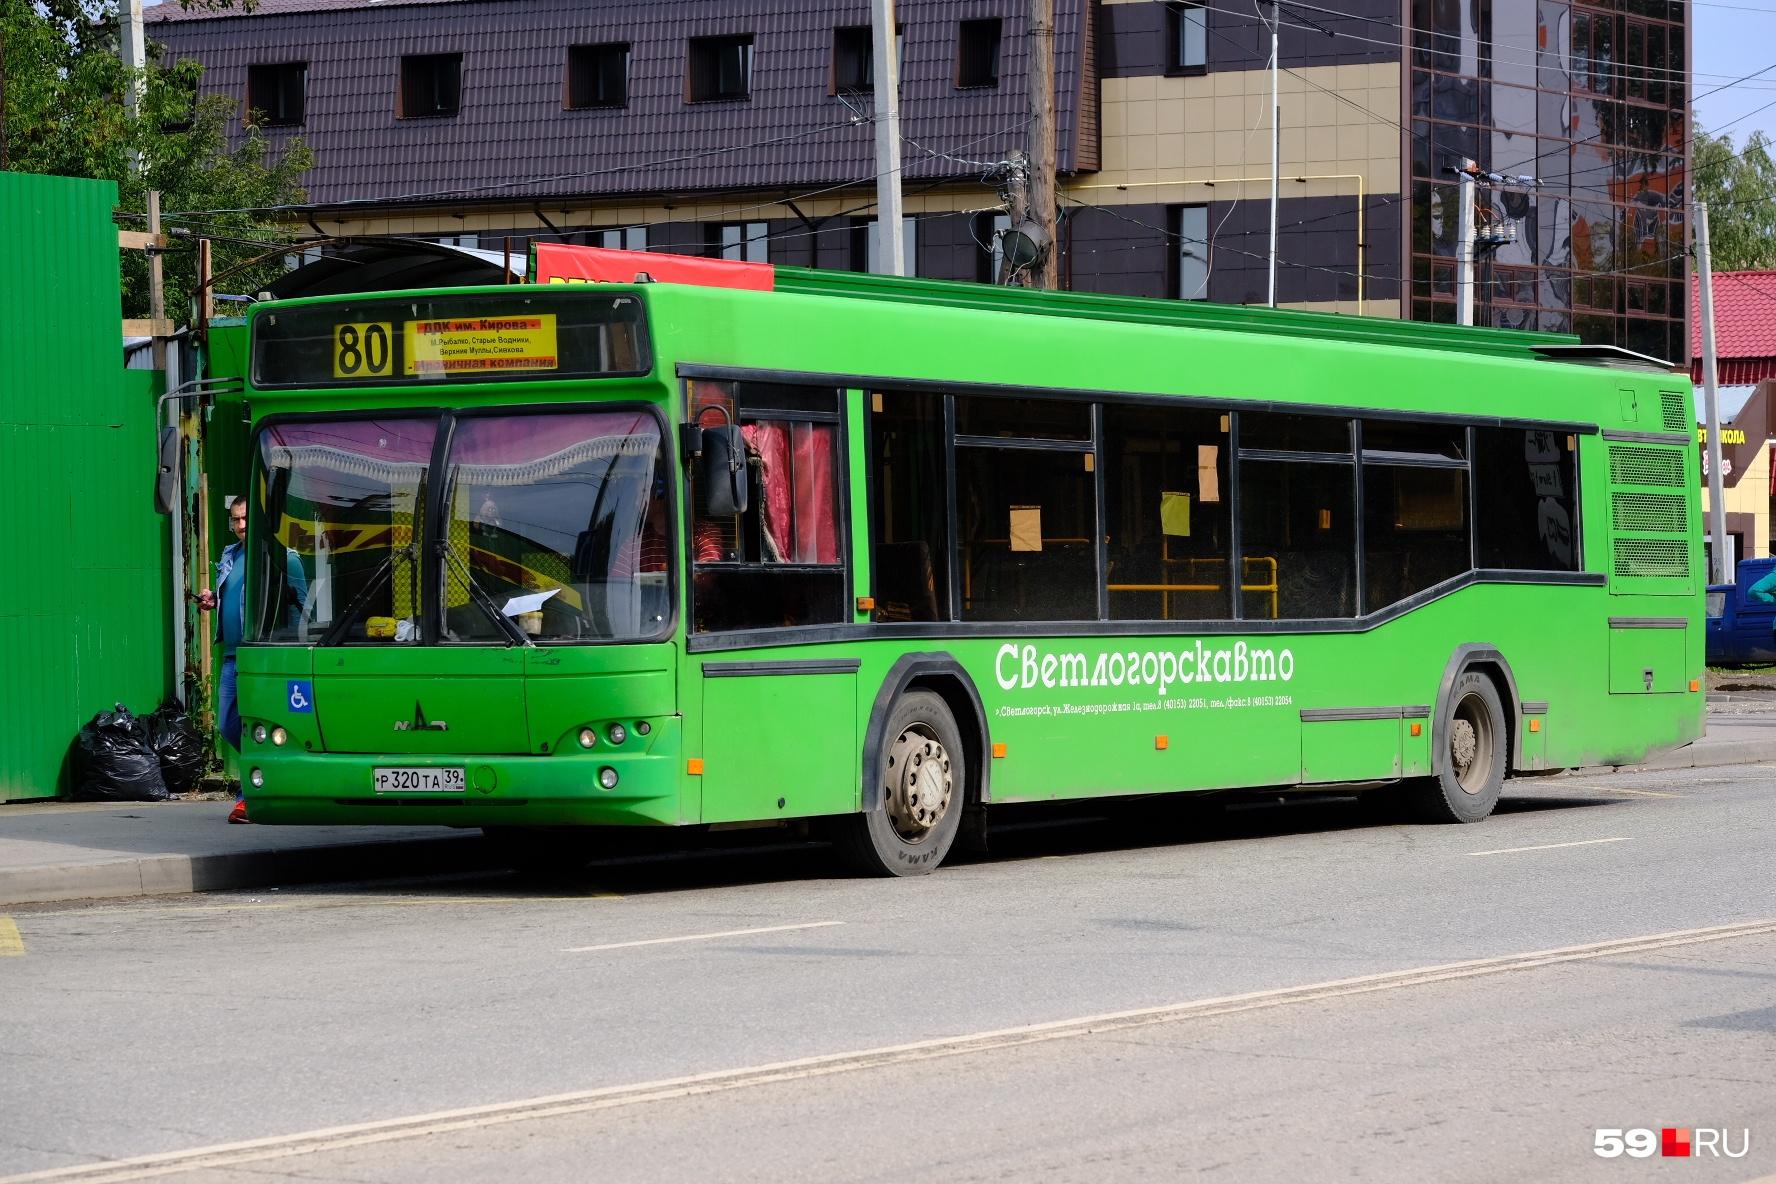 Здесь проверяют 80-й и 77-й автобусы